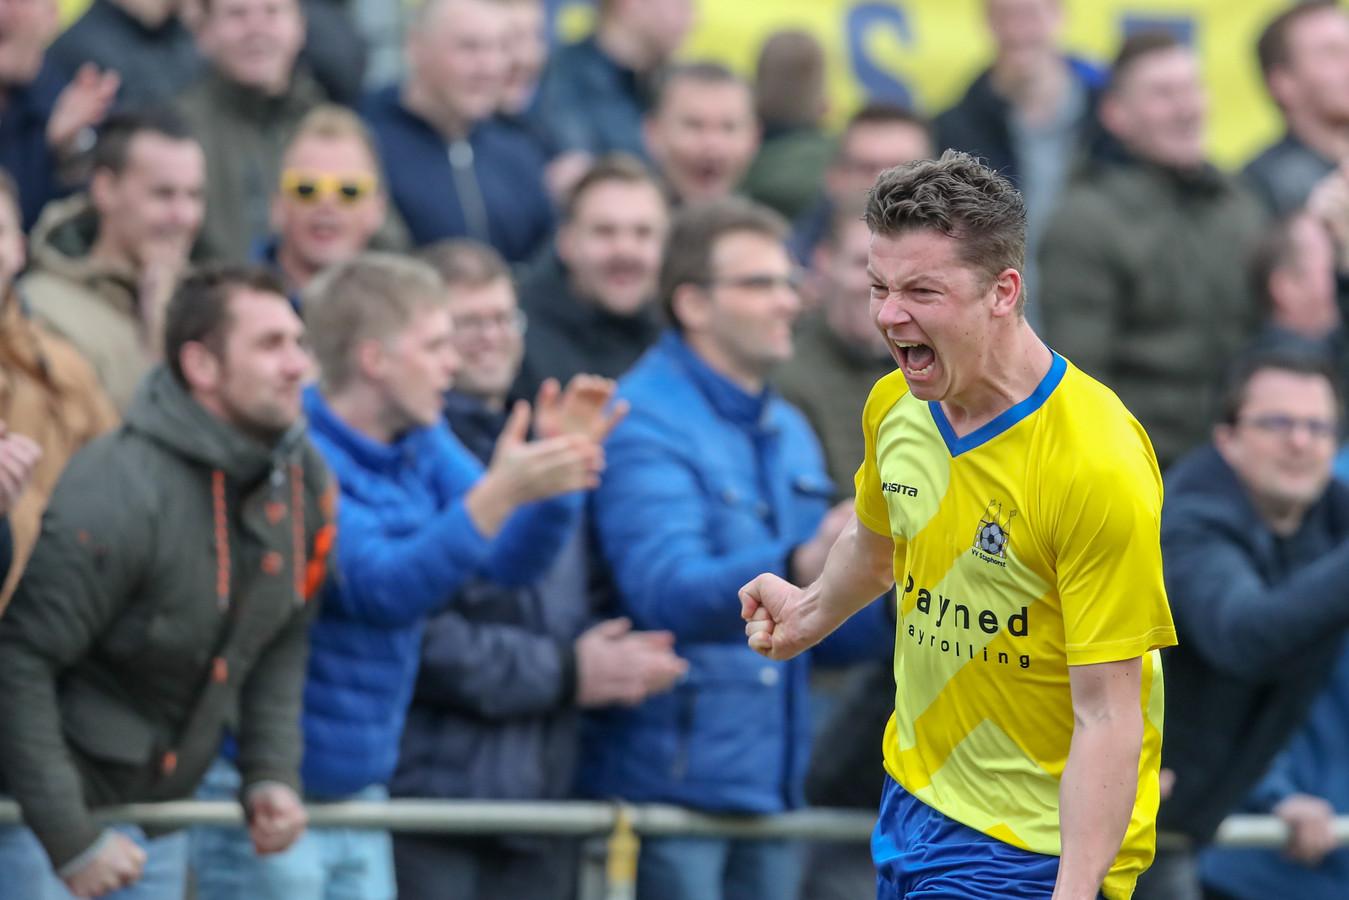 De kans dat Martin van 't Ende komend seizoen met Staphorst kan debuteren in de derde divisie is aanwezig, nu de KNVB heeft besloten om hoofdklassers te laten promoveren.